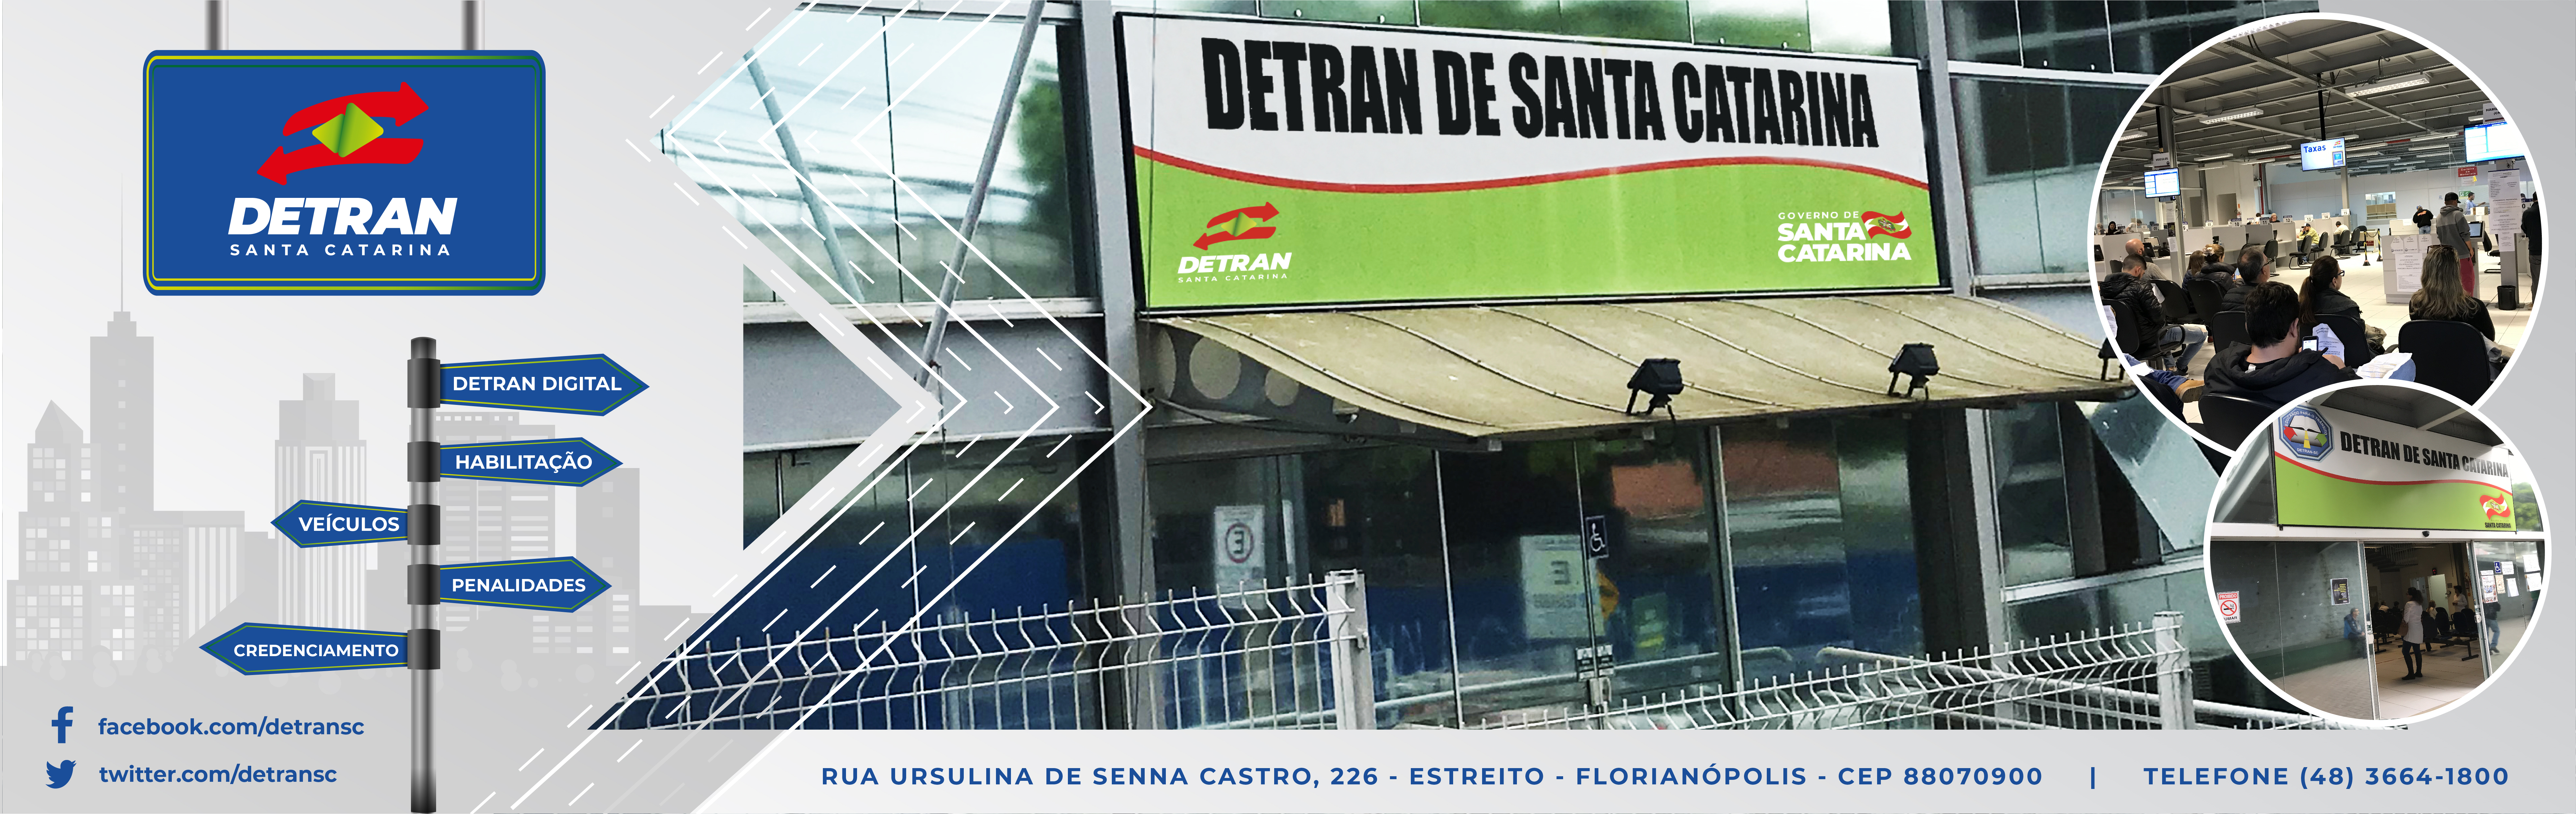 banner_fachada_detran